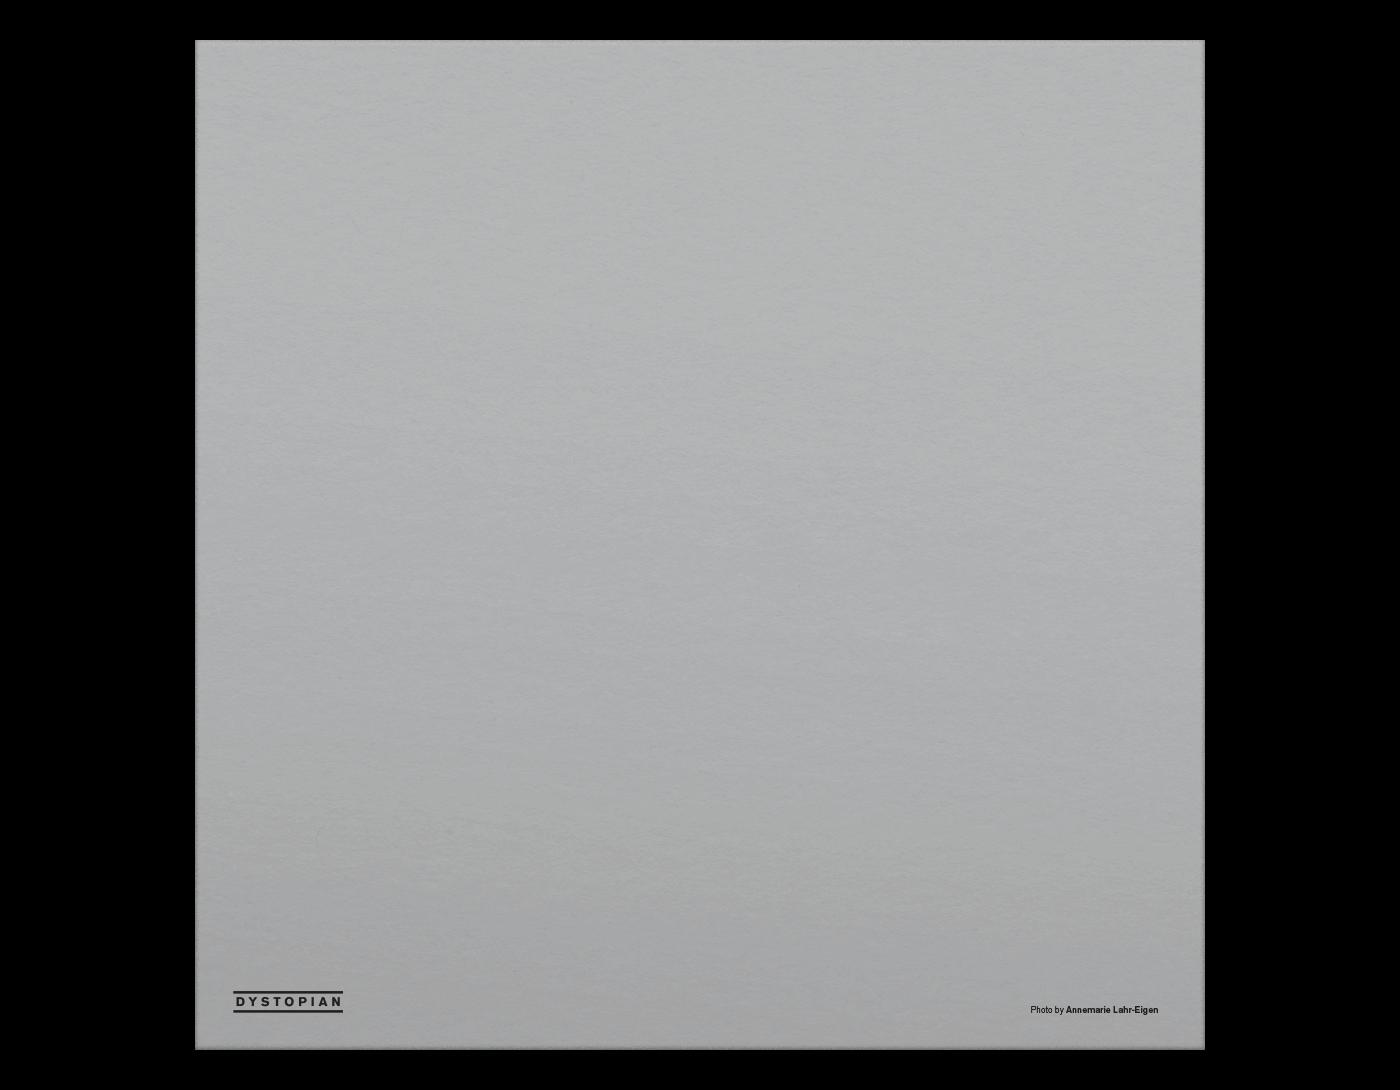 D008-B